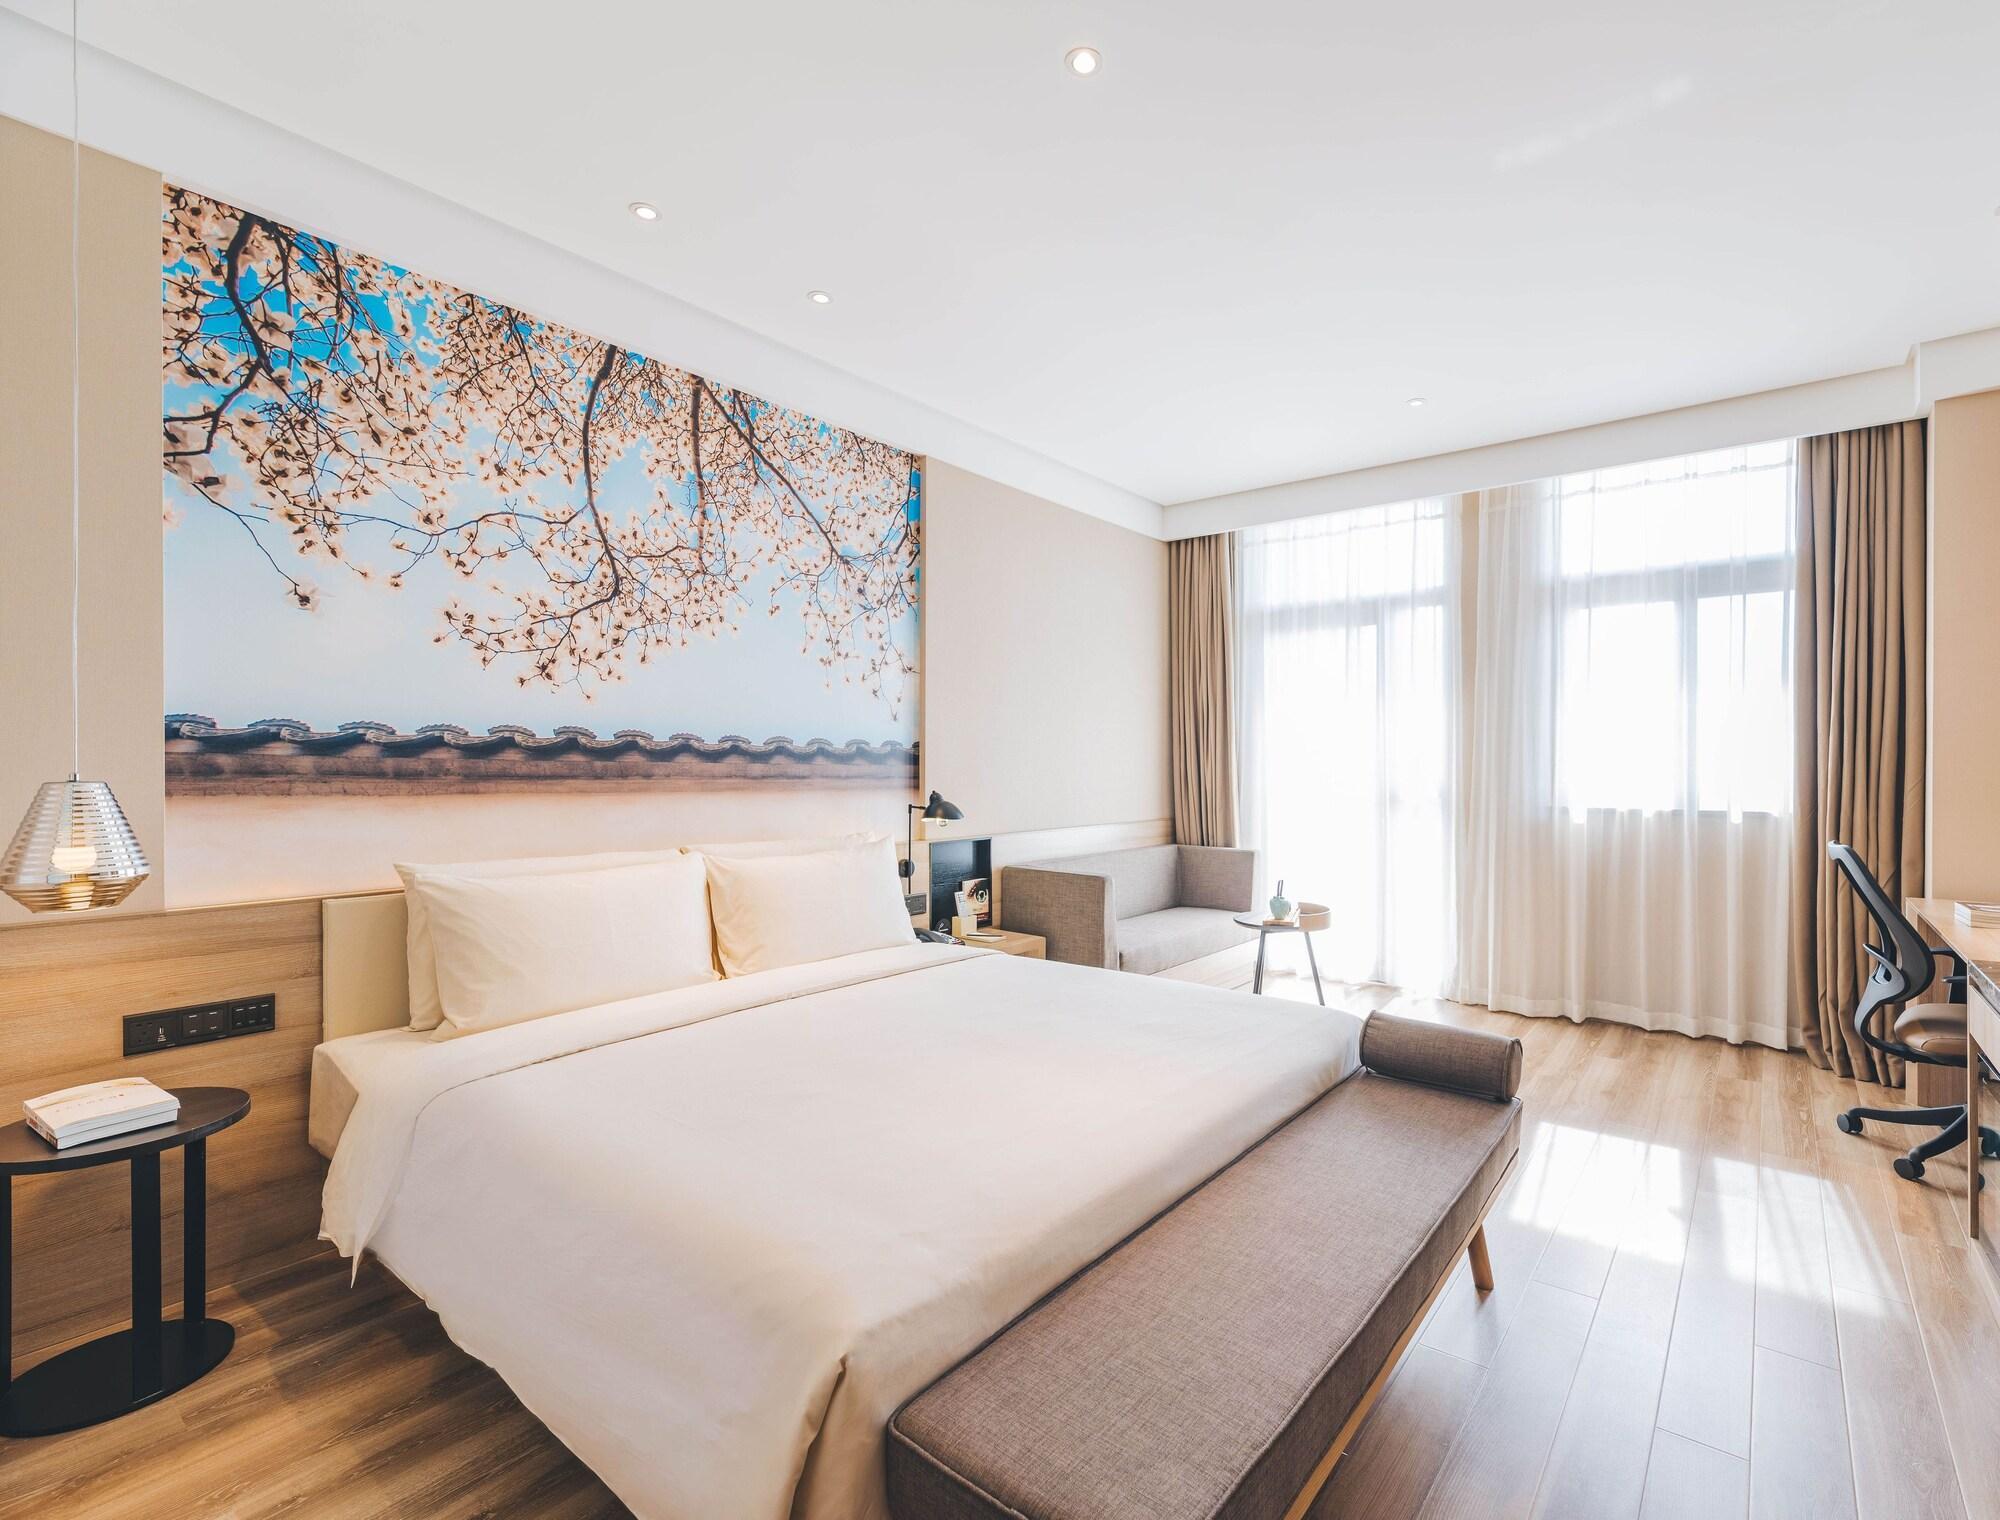 Atour Hotel Nanjing Road Small White Building Tianjin 66